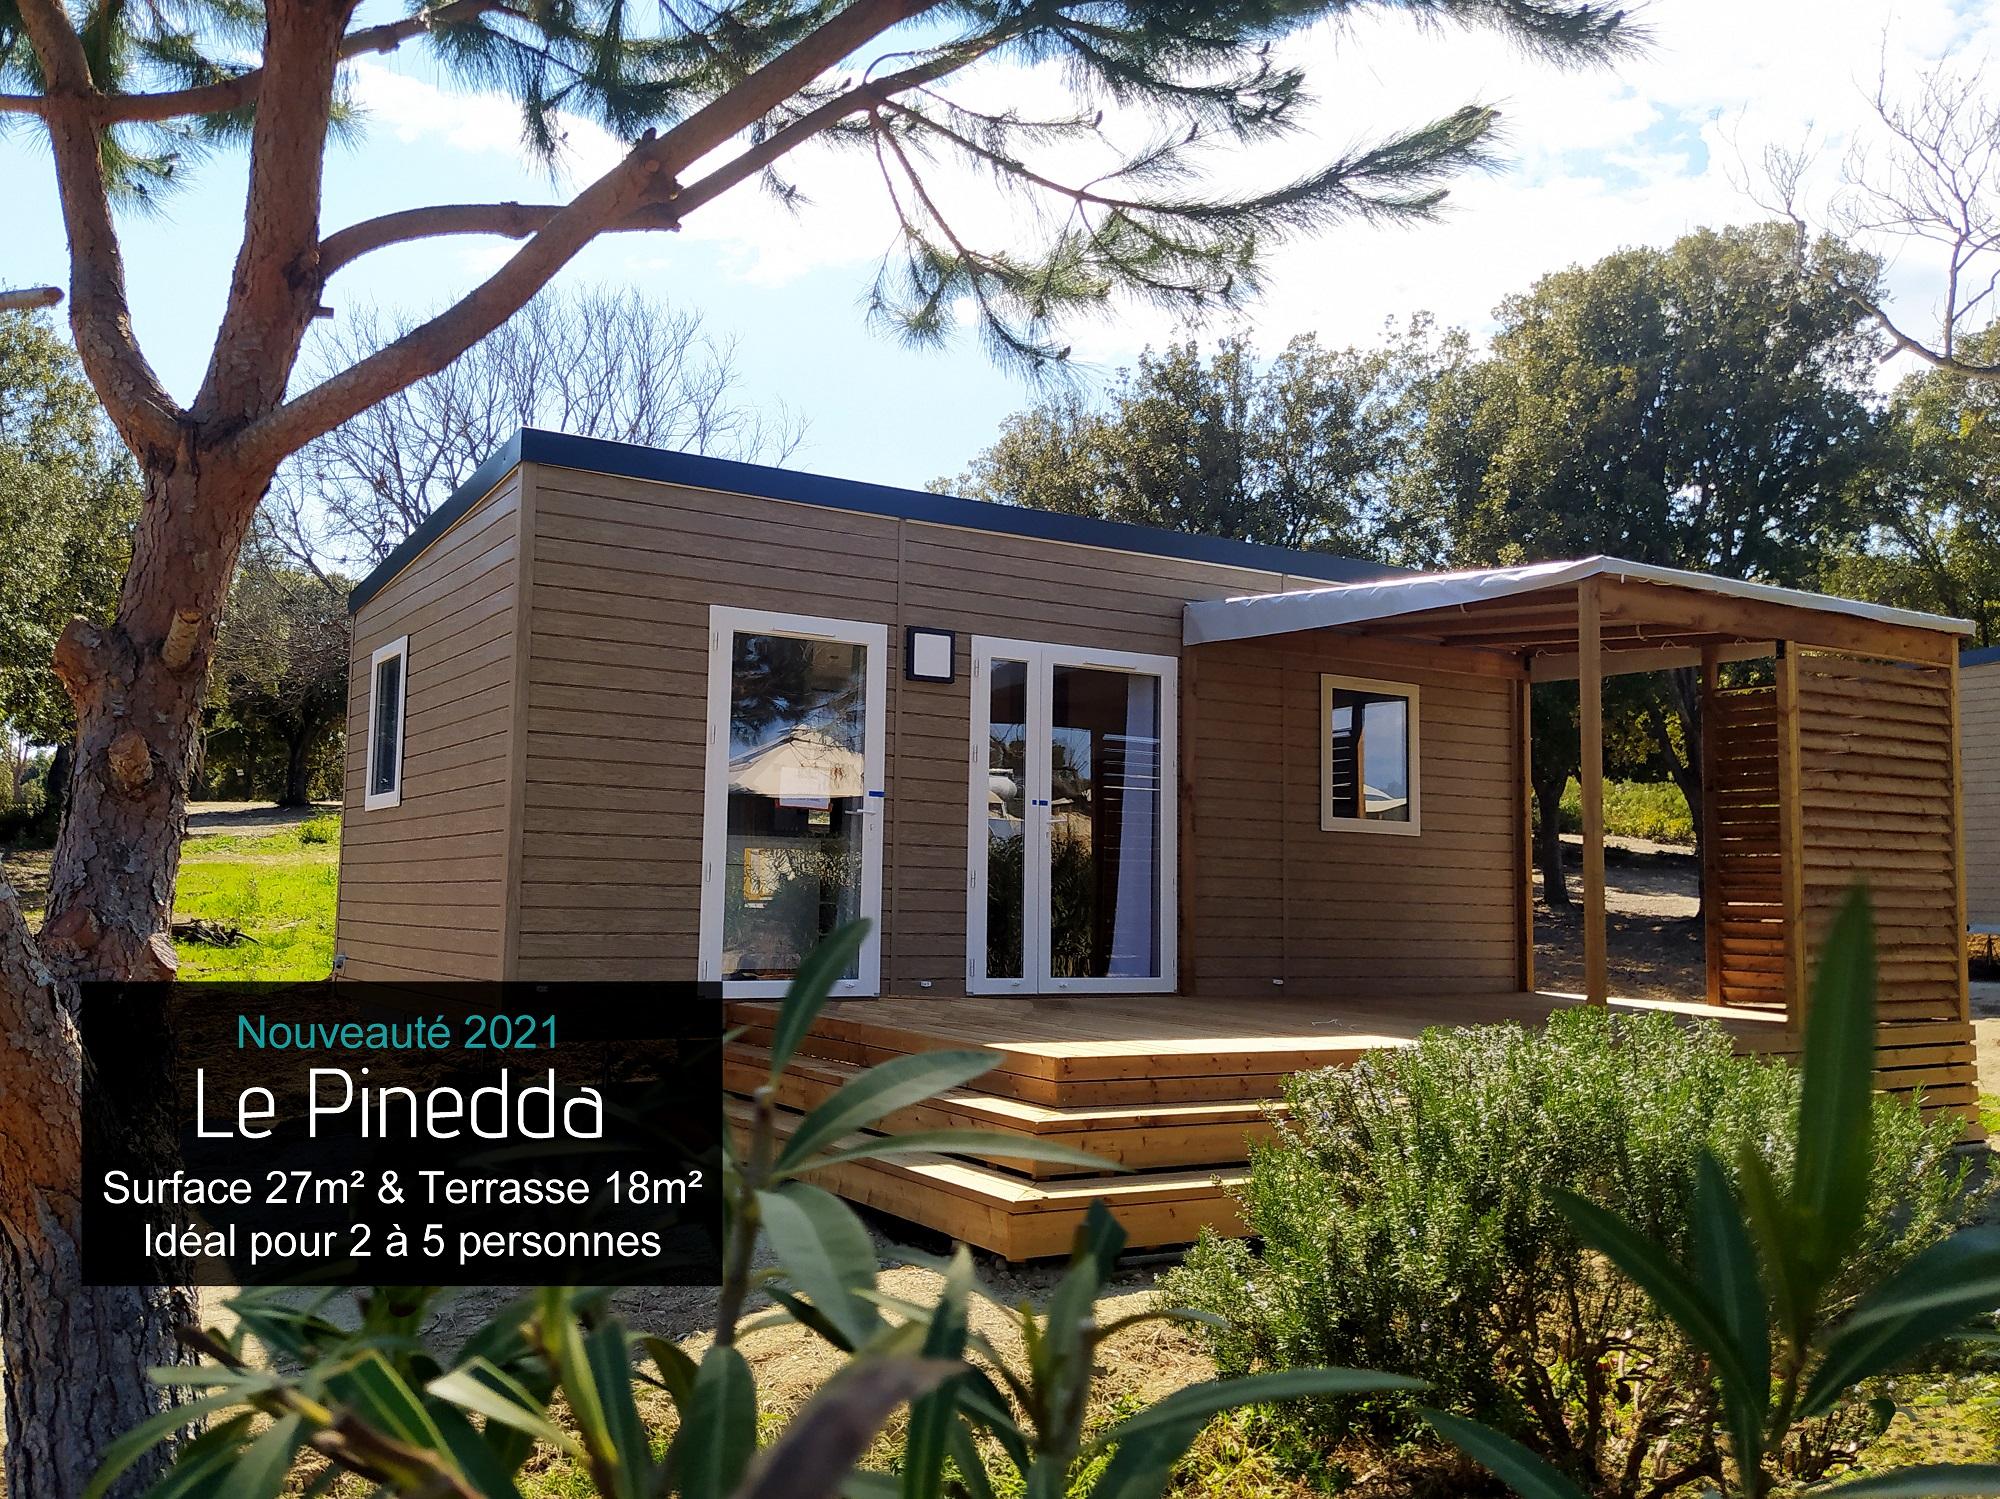 Location - Pinedda - Riva Bella Resort